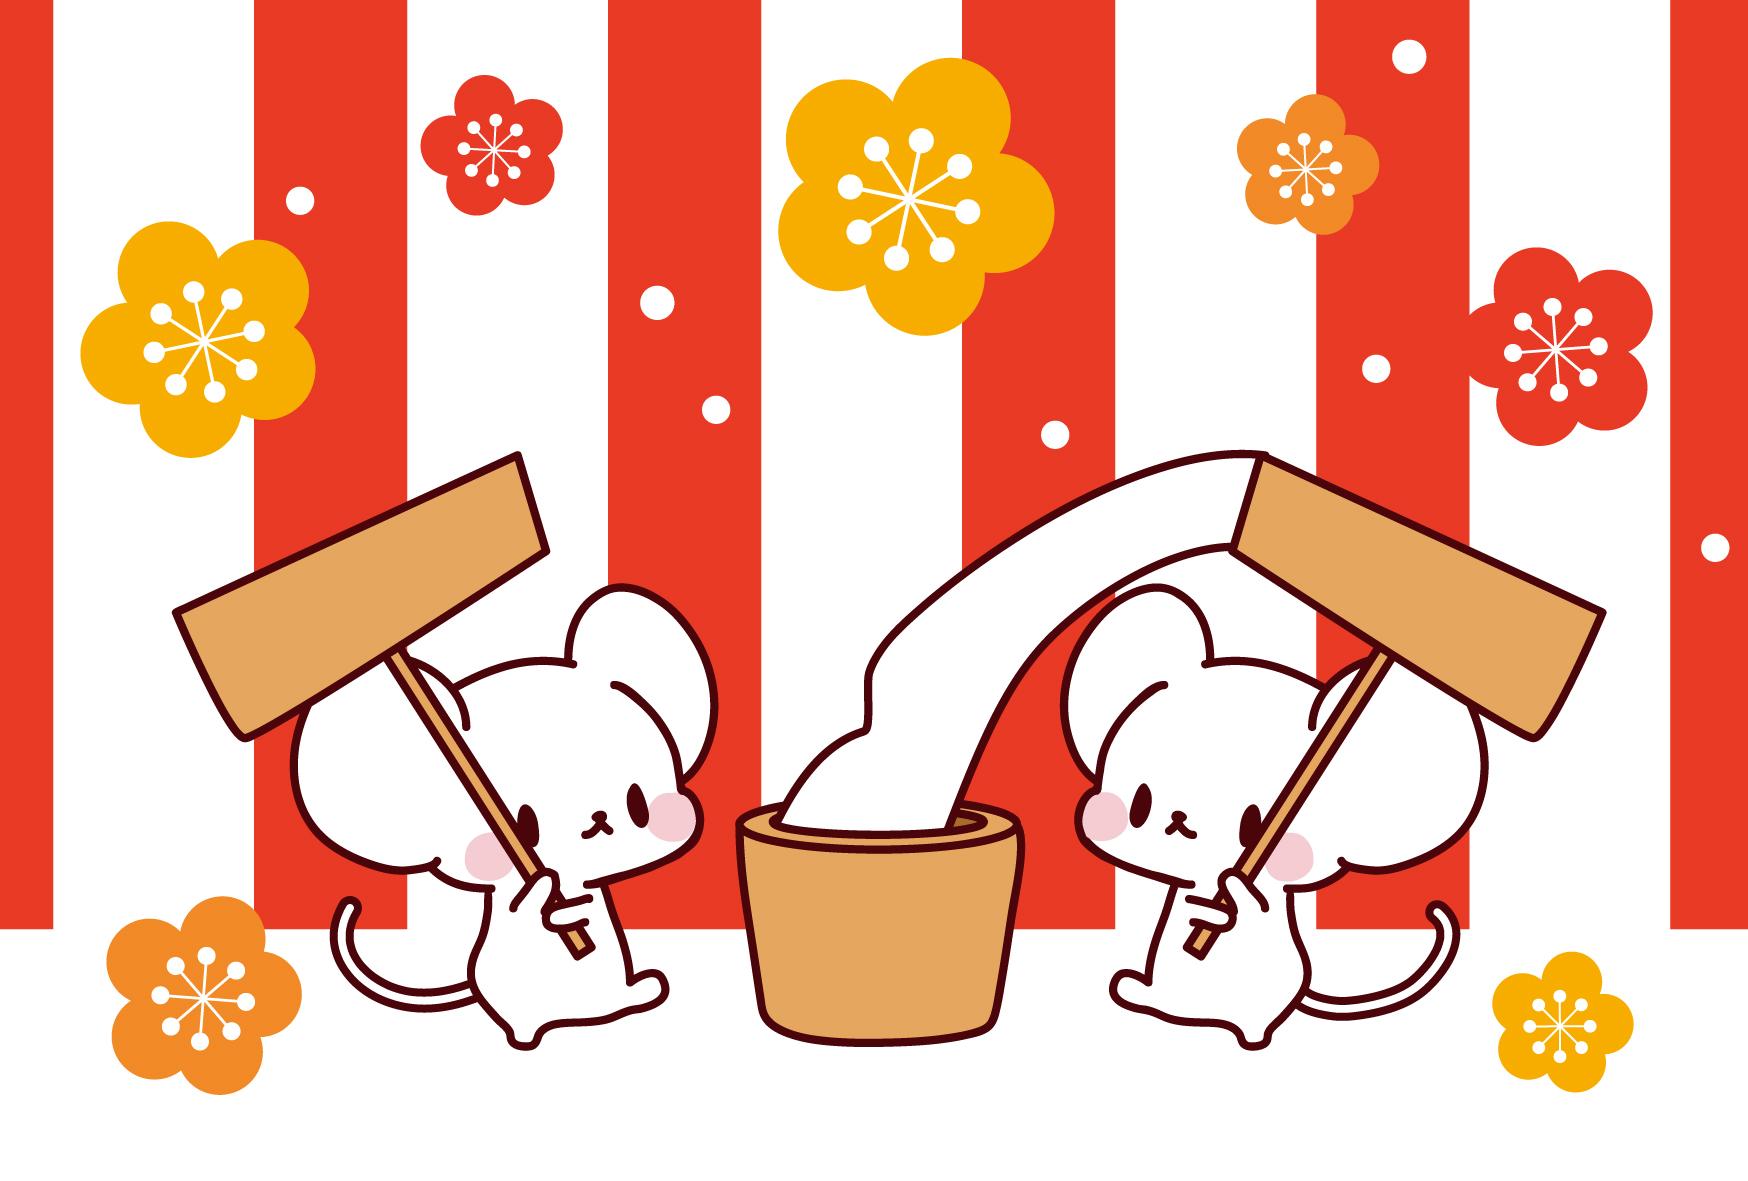 餅つきをしている白いねずみ無料イラスト年賀状素材